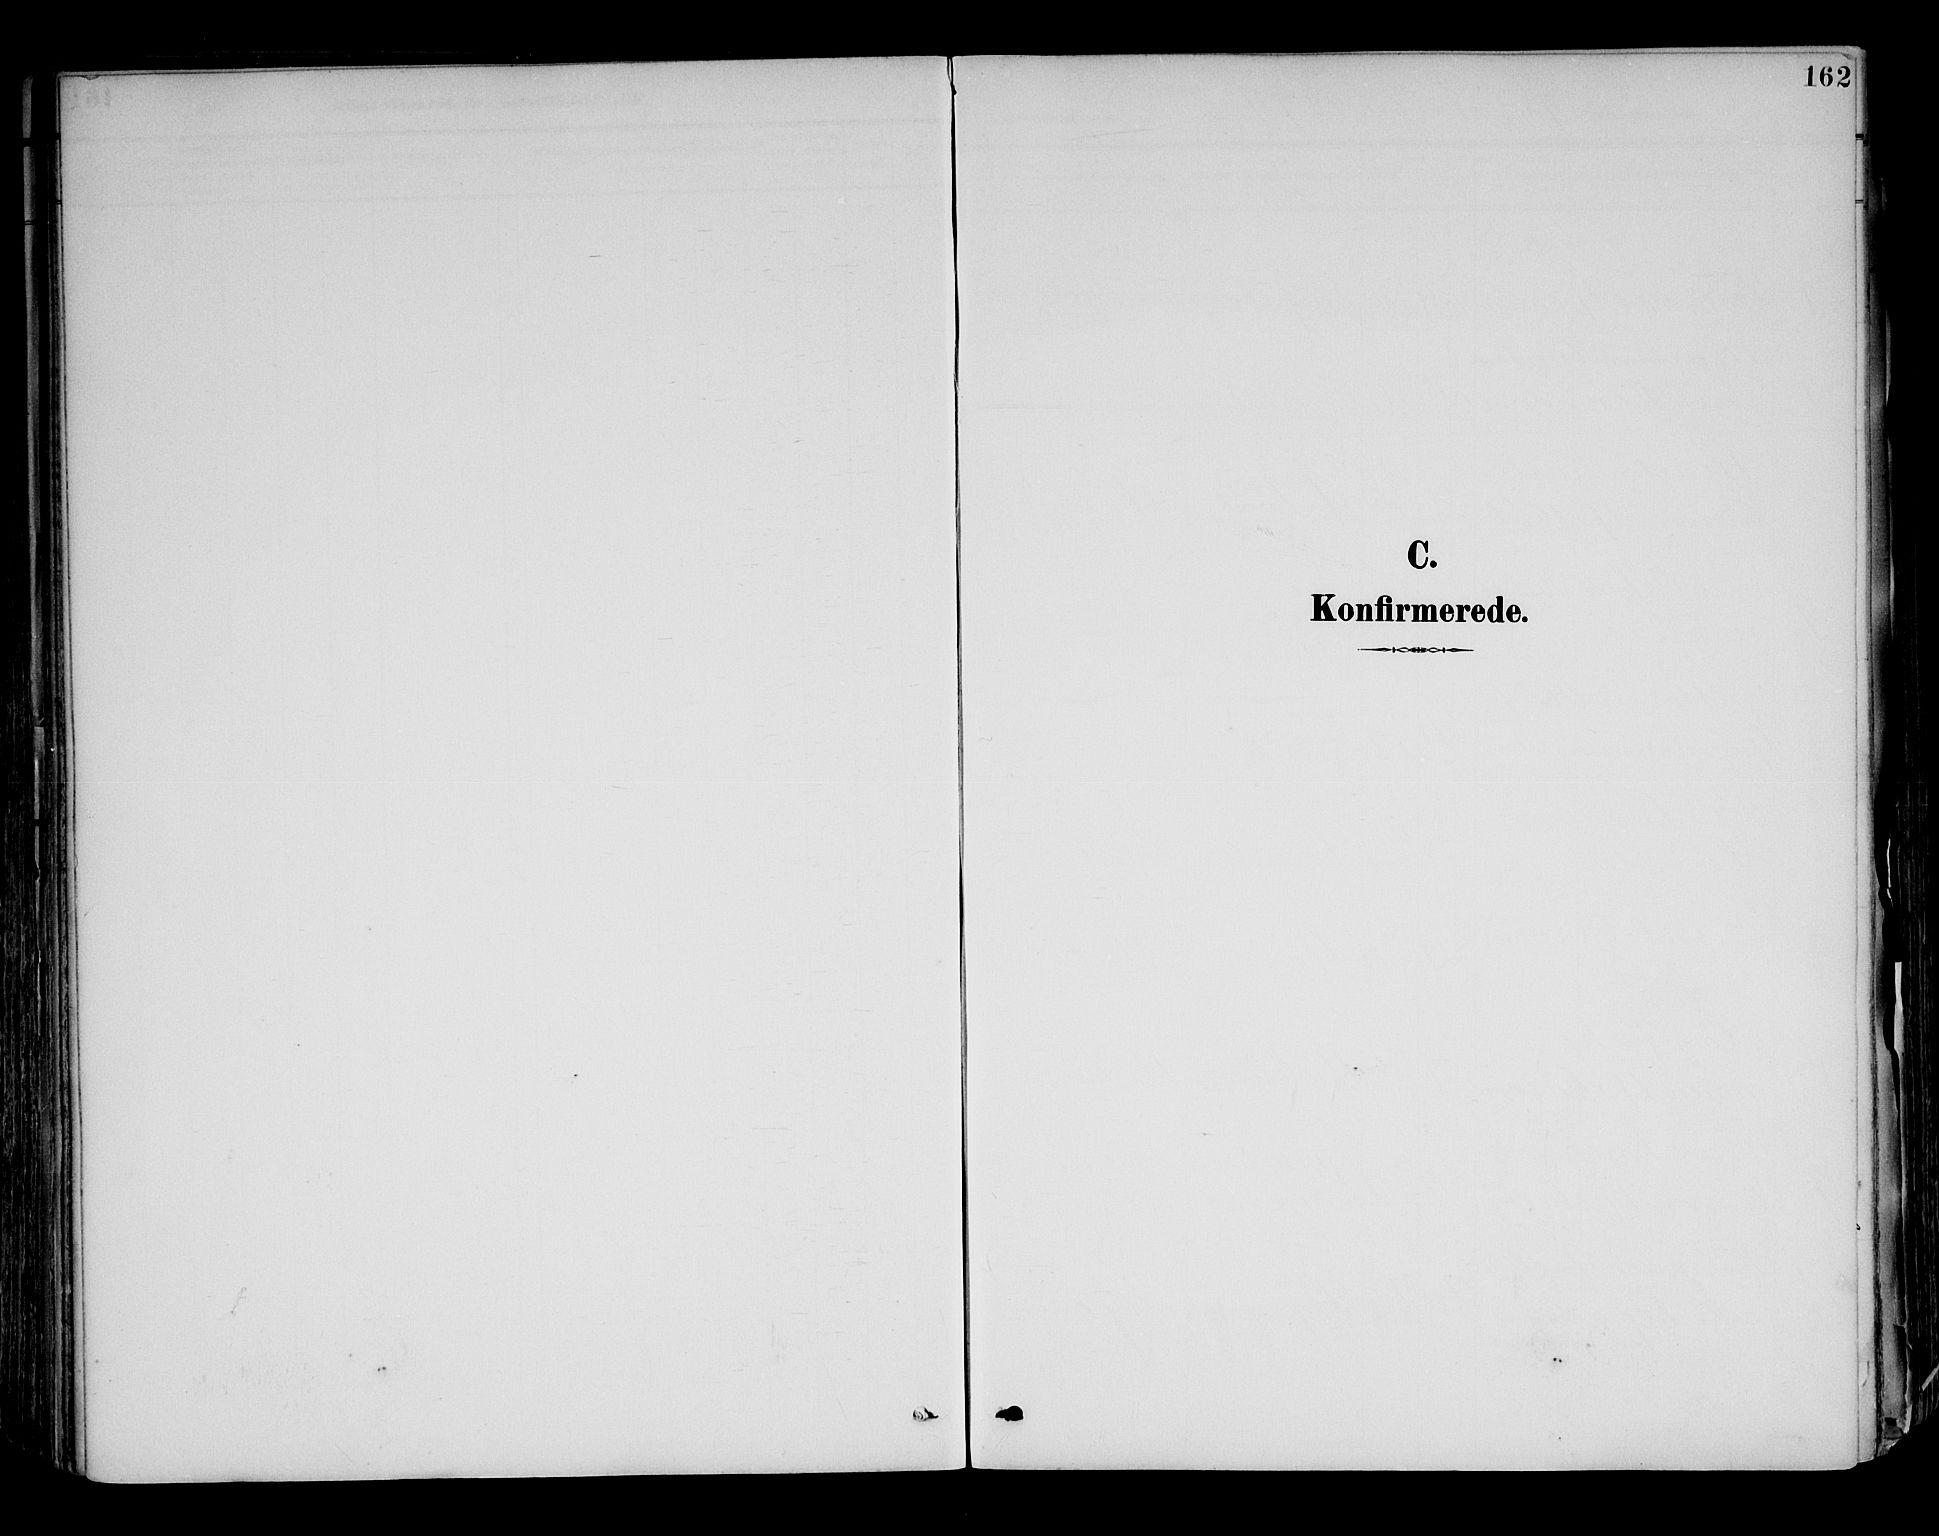 SAH, Brandval prestekontor, H/Ha/Haa/L0003: Ministerialbok nr. 3, 1894-1909, s. 162